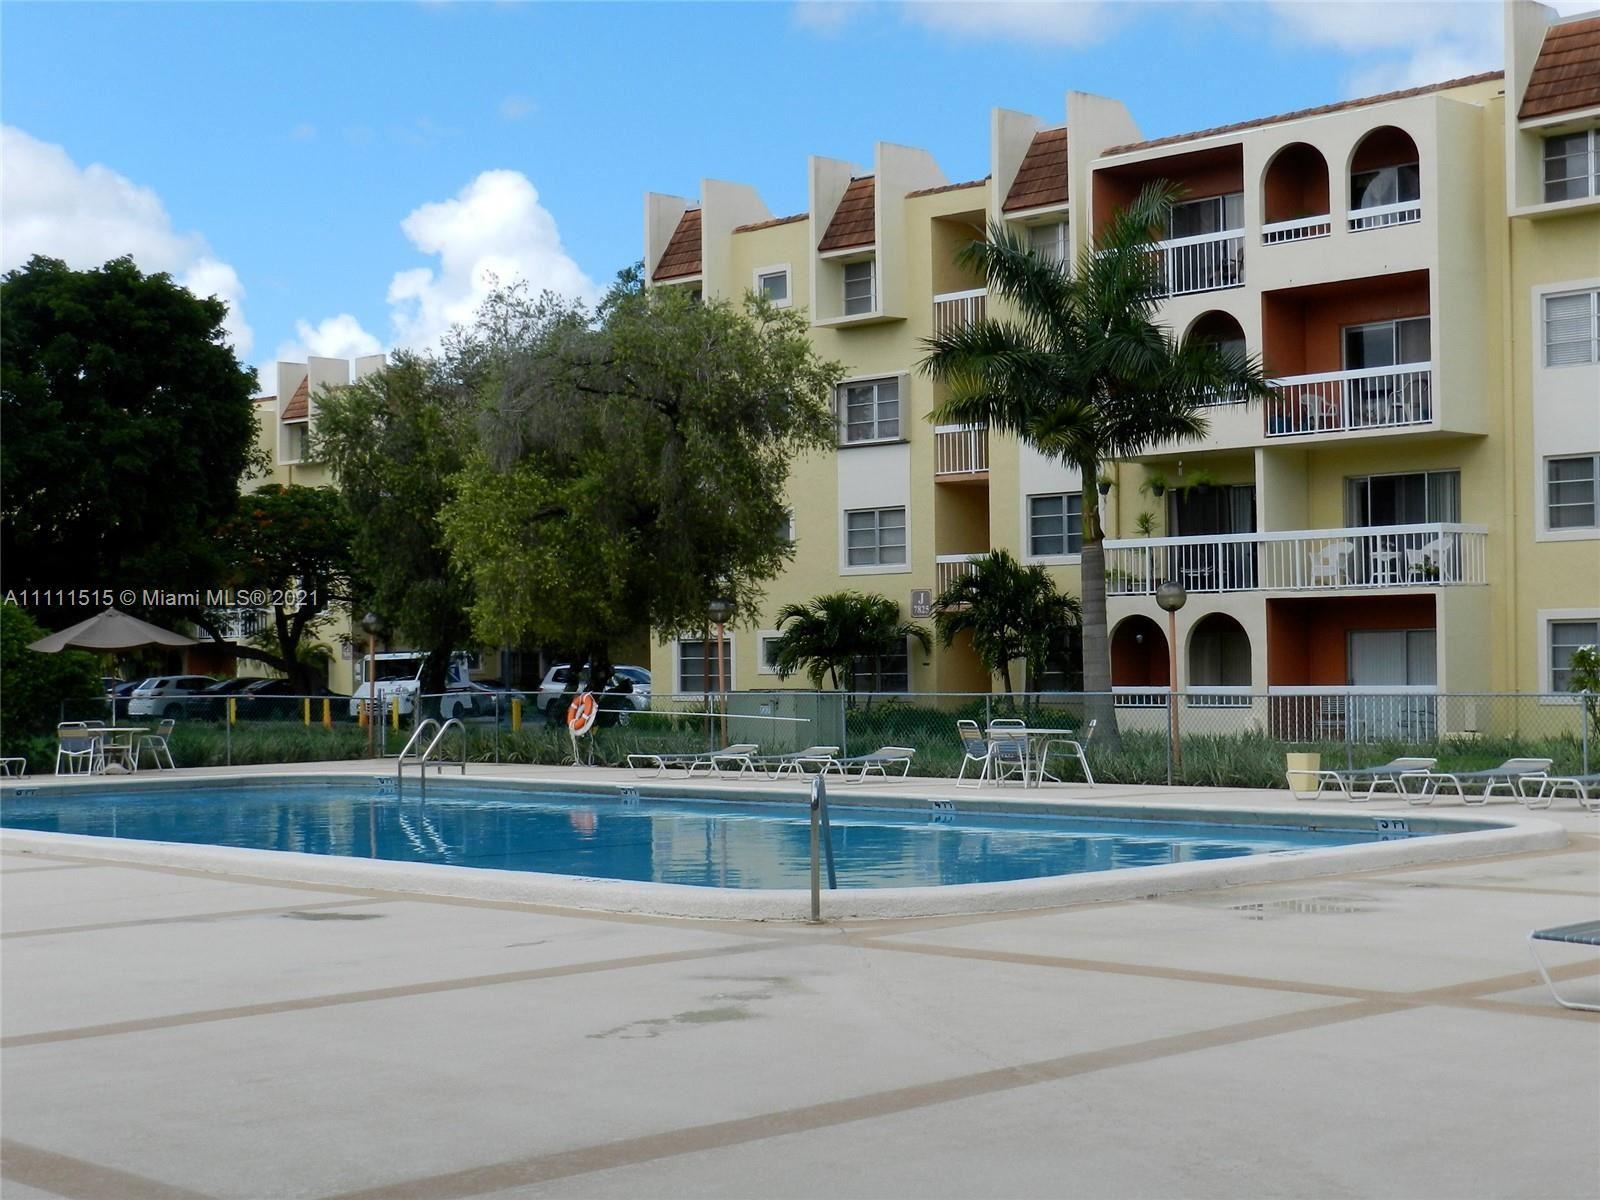 7701 Camino Real #418, Miami, FL 33143 - #: A11111515